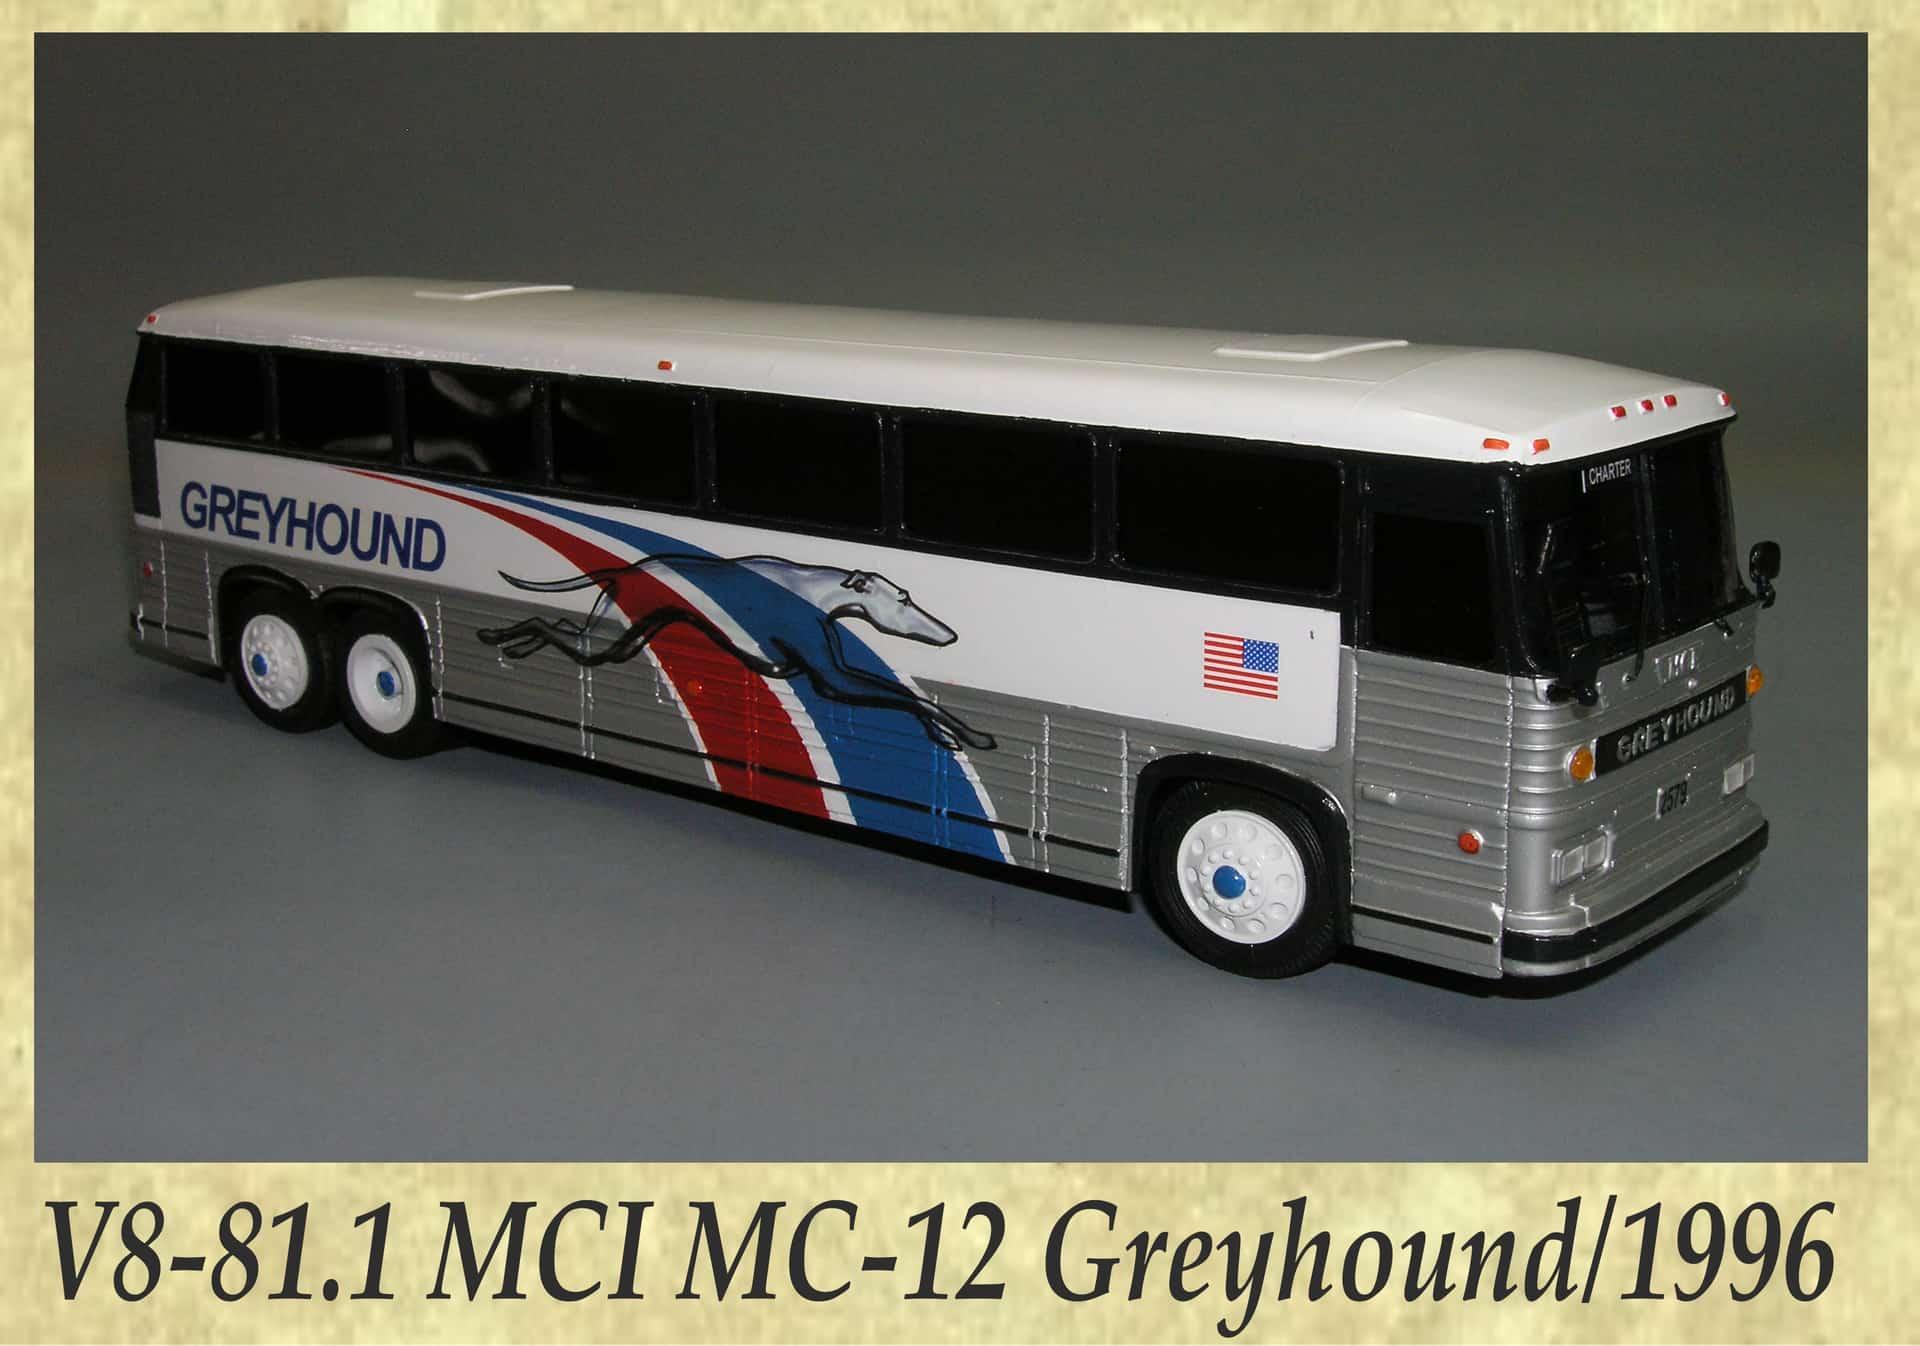 V8-81.1 MCI MC-12 Greyhound 1996